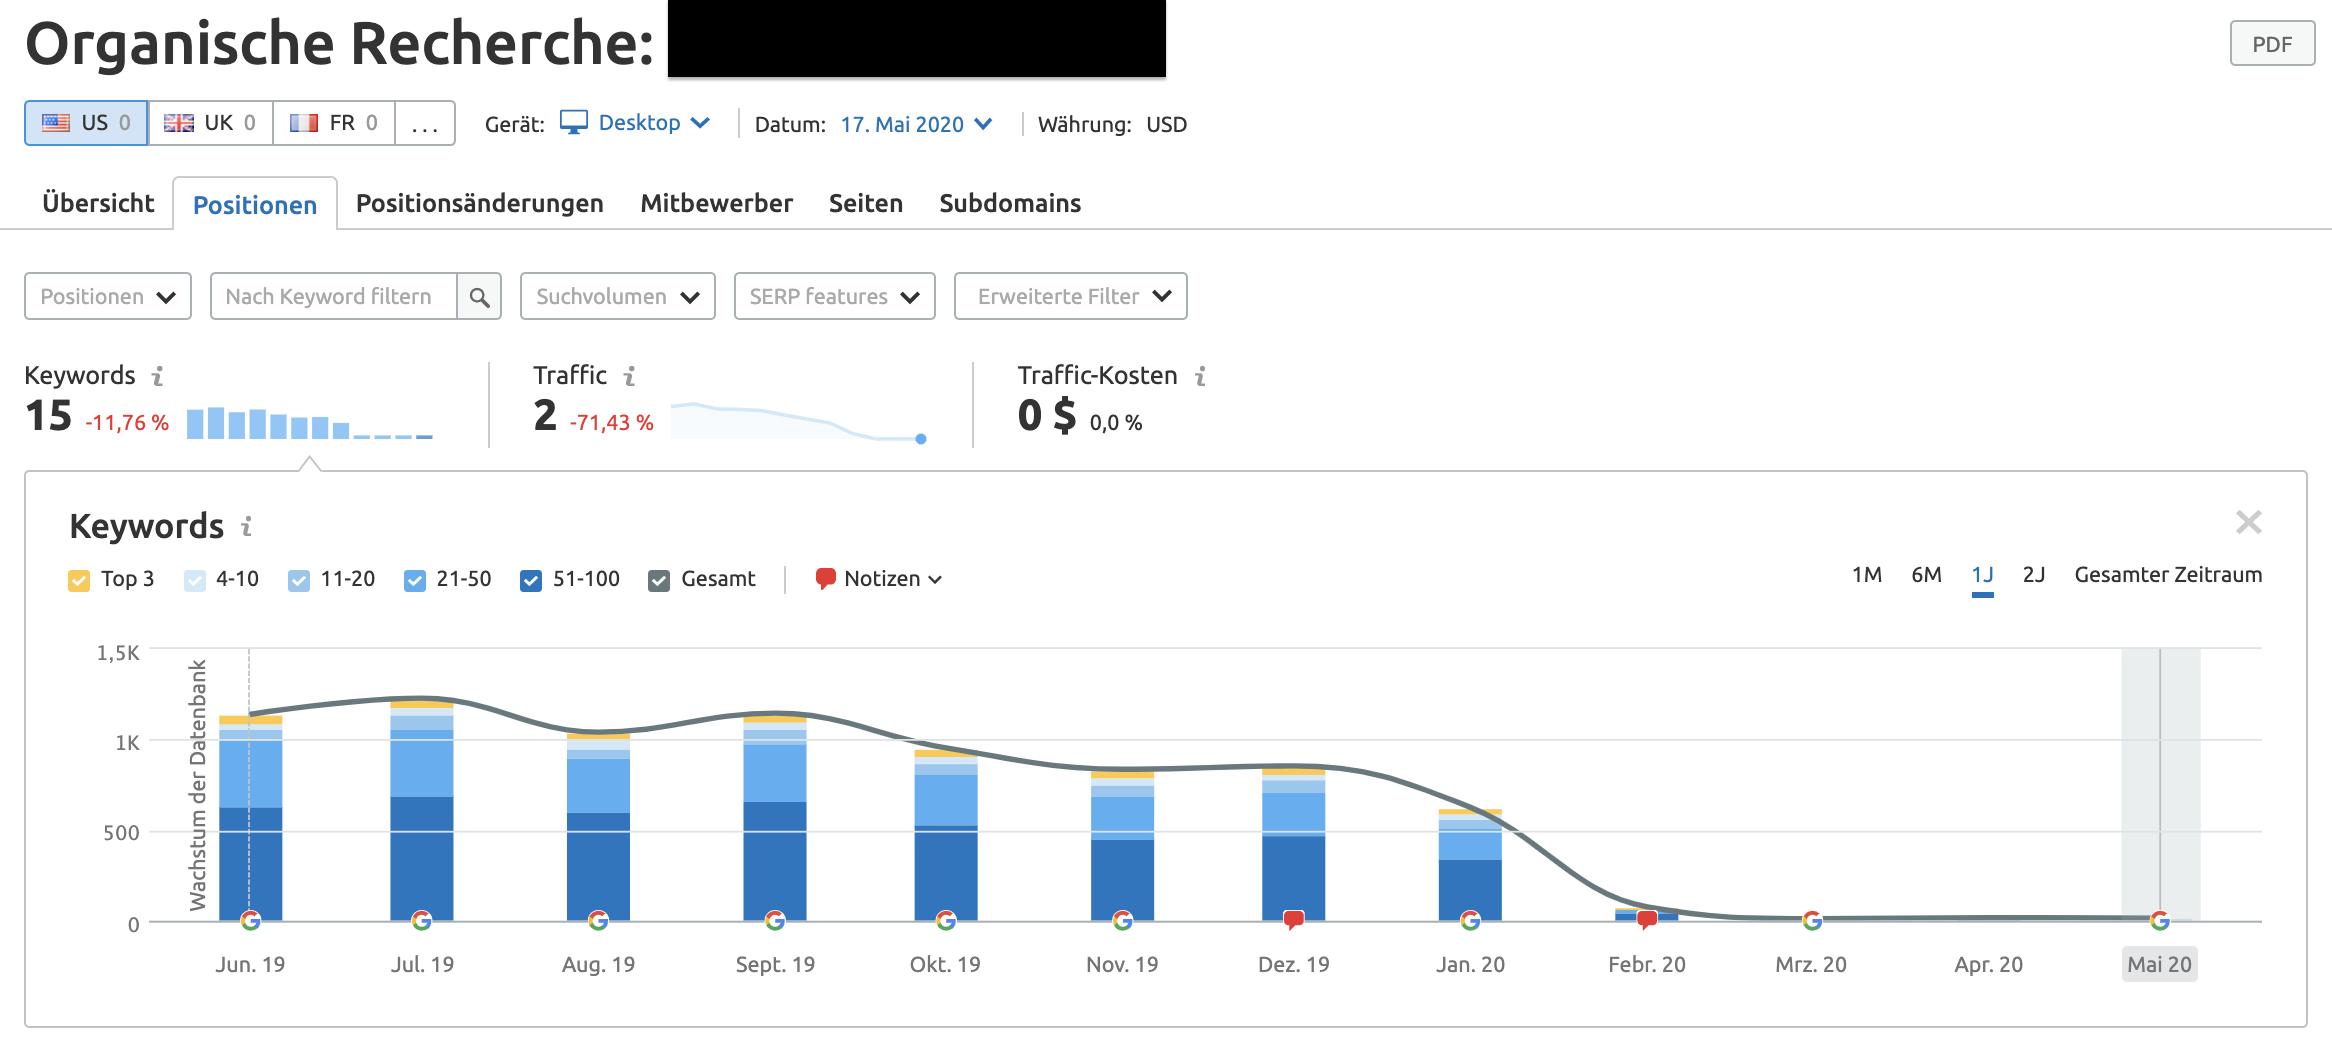 Organische Recherche: Keyword-Rankings einer abgestraften Website im Zeitverlauf